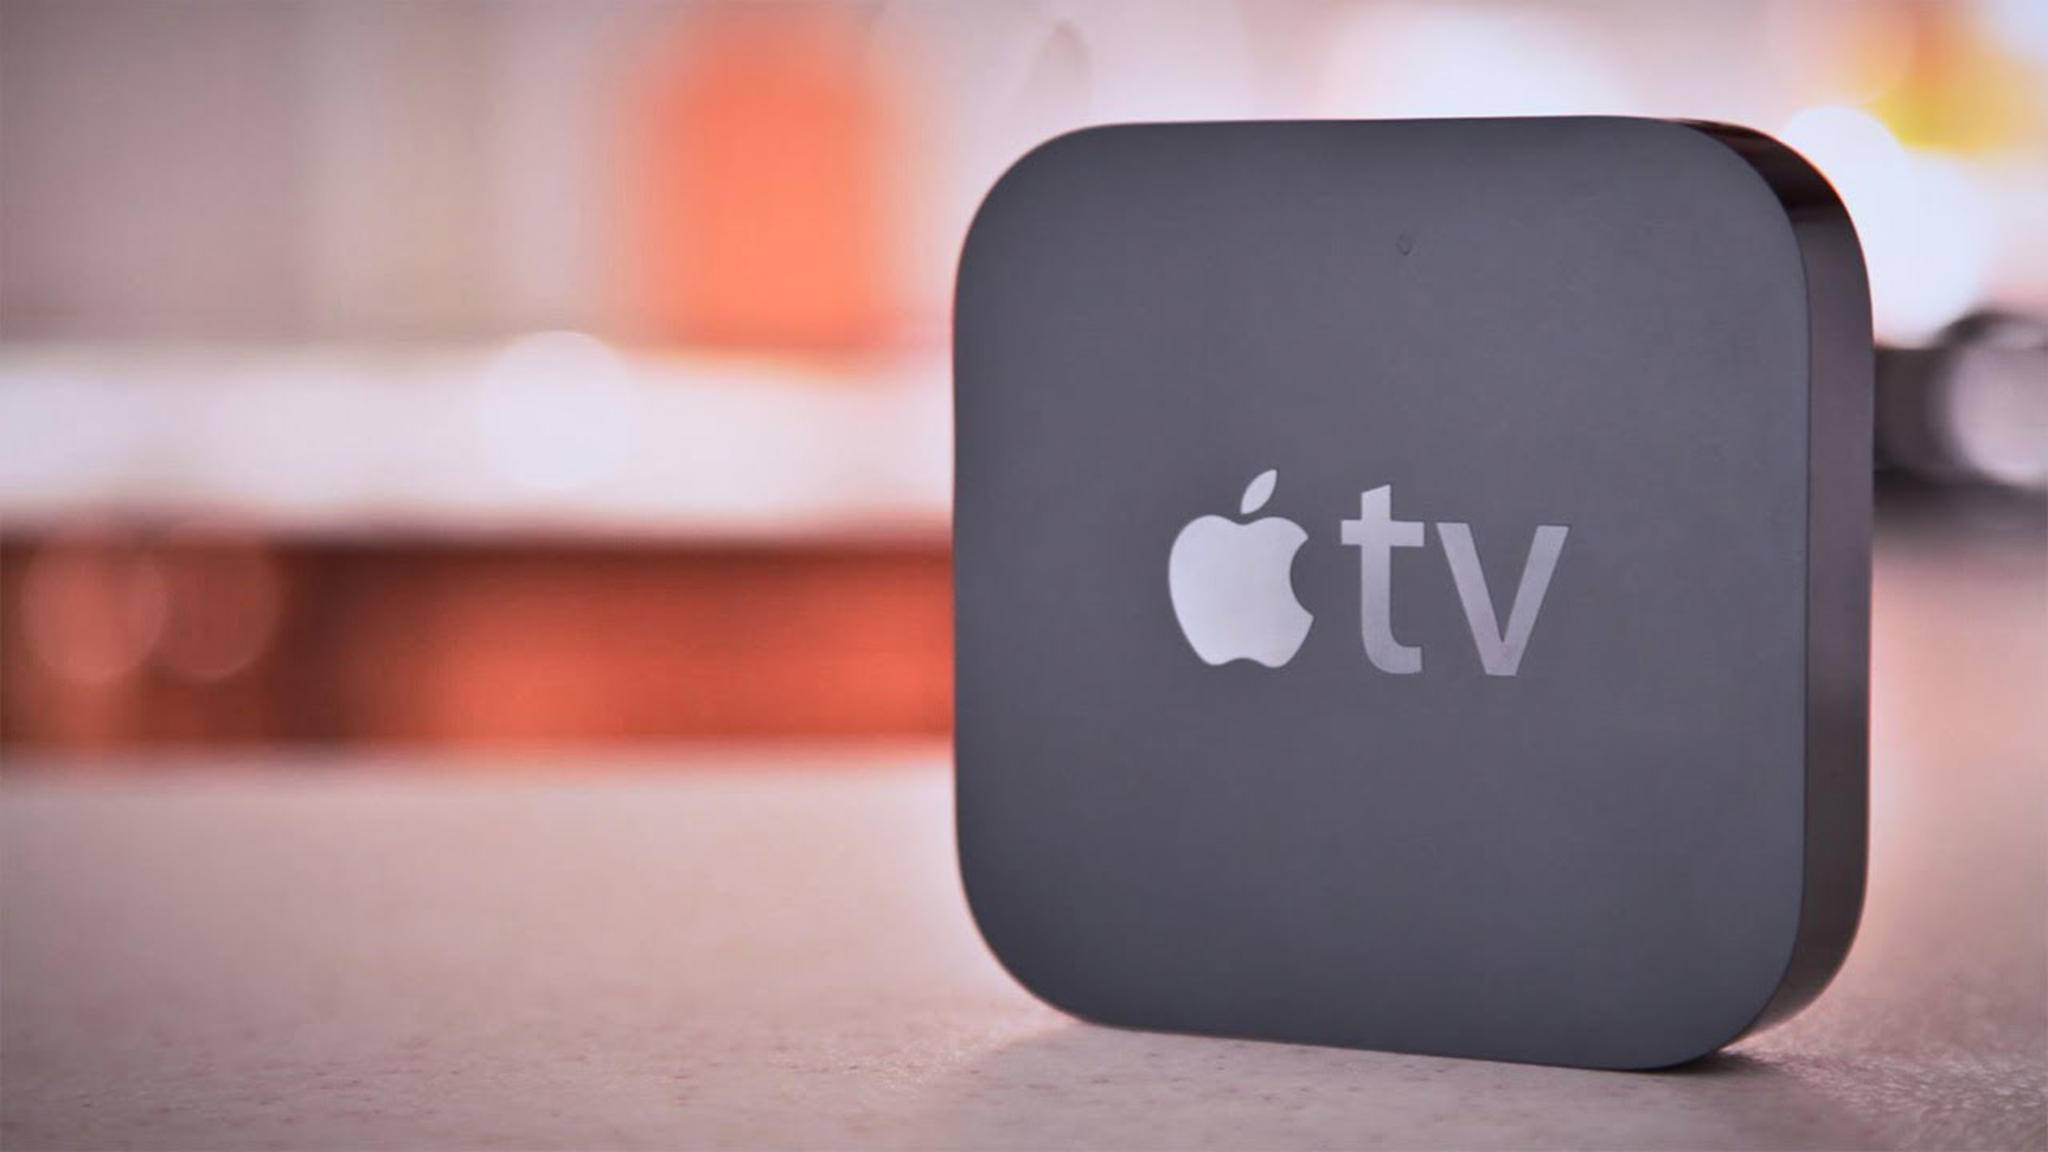 Auf dem Apple TV ist die Einrichtung der iCloud schnell erledigt.